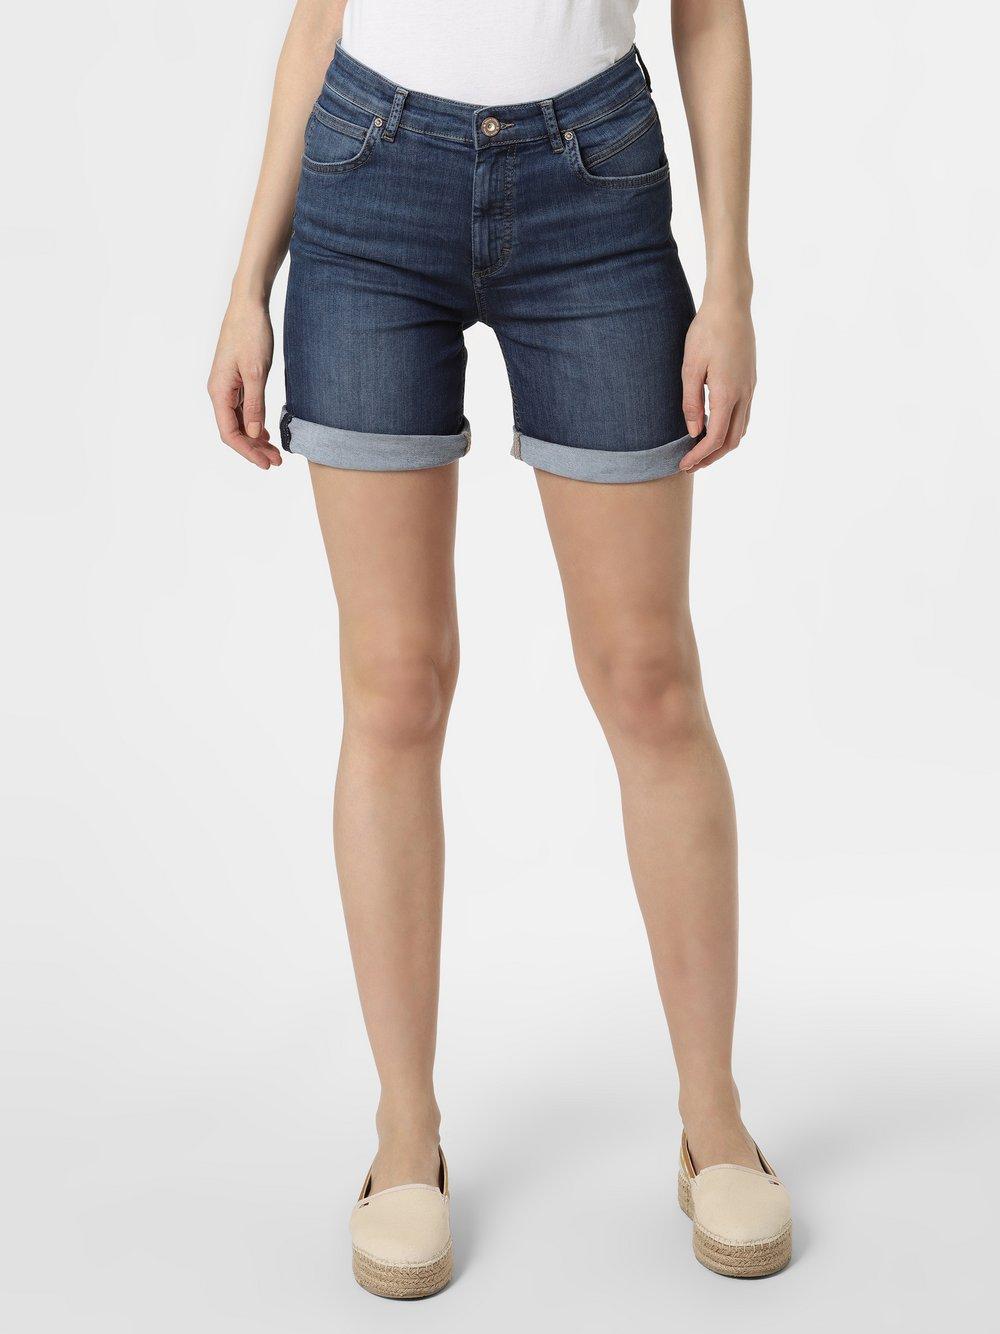 Marc O'Polo - Damskie krótkie spodenki jeansowe, niebieski